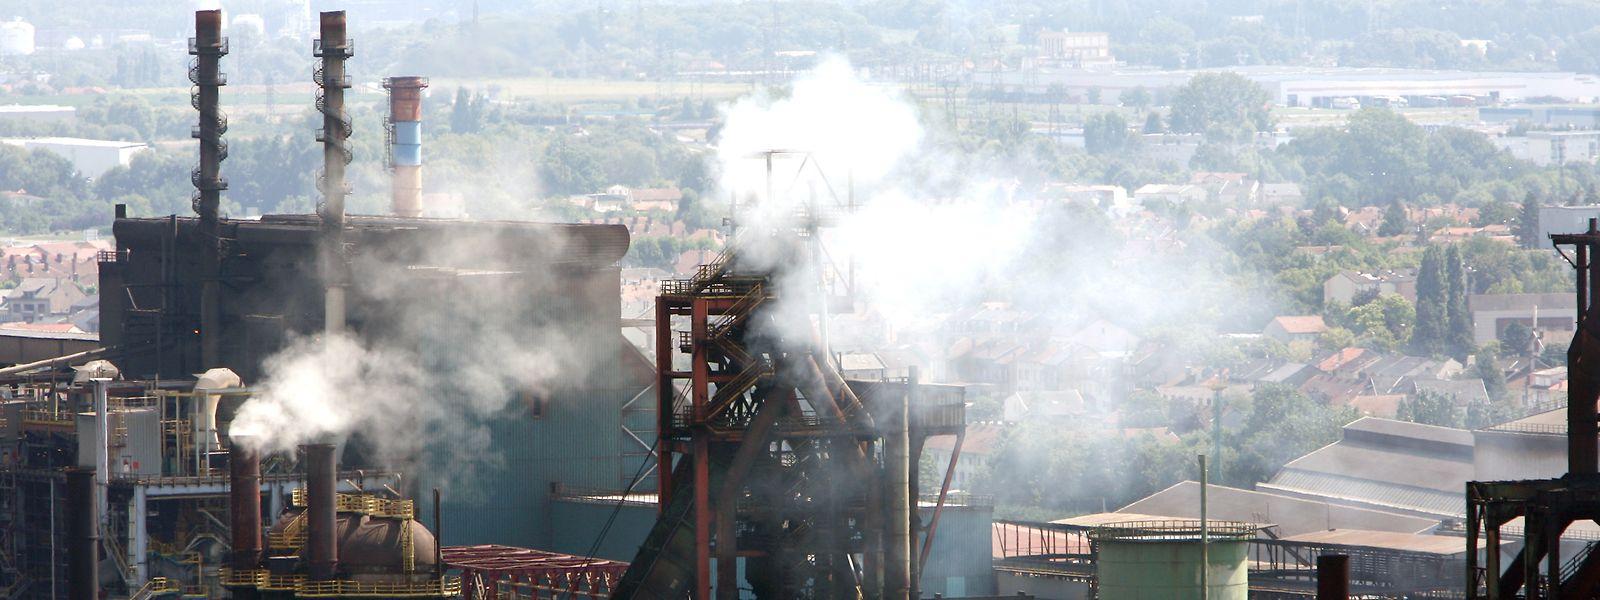 Fábrica da ArcelorMittal no sul do país.